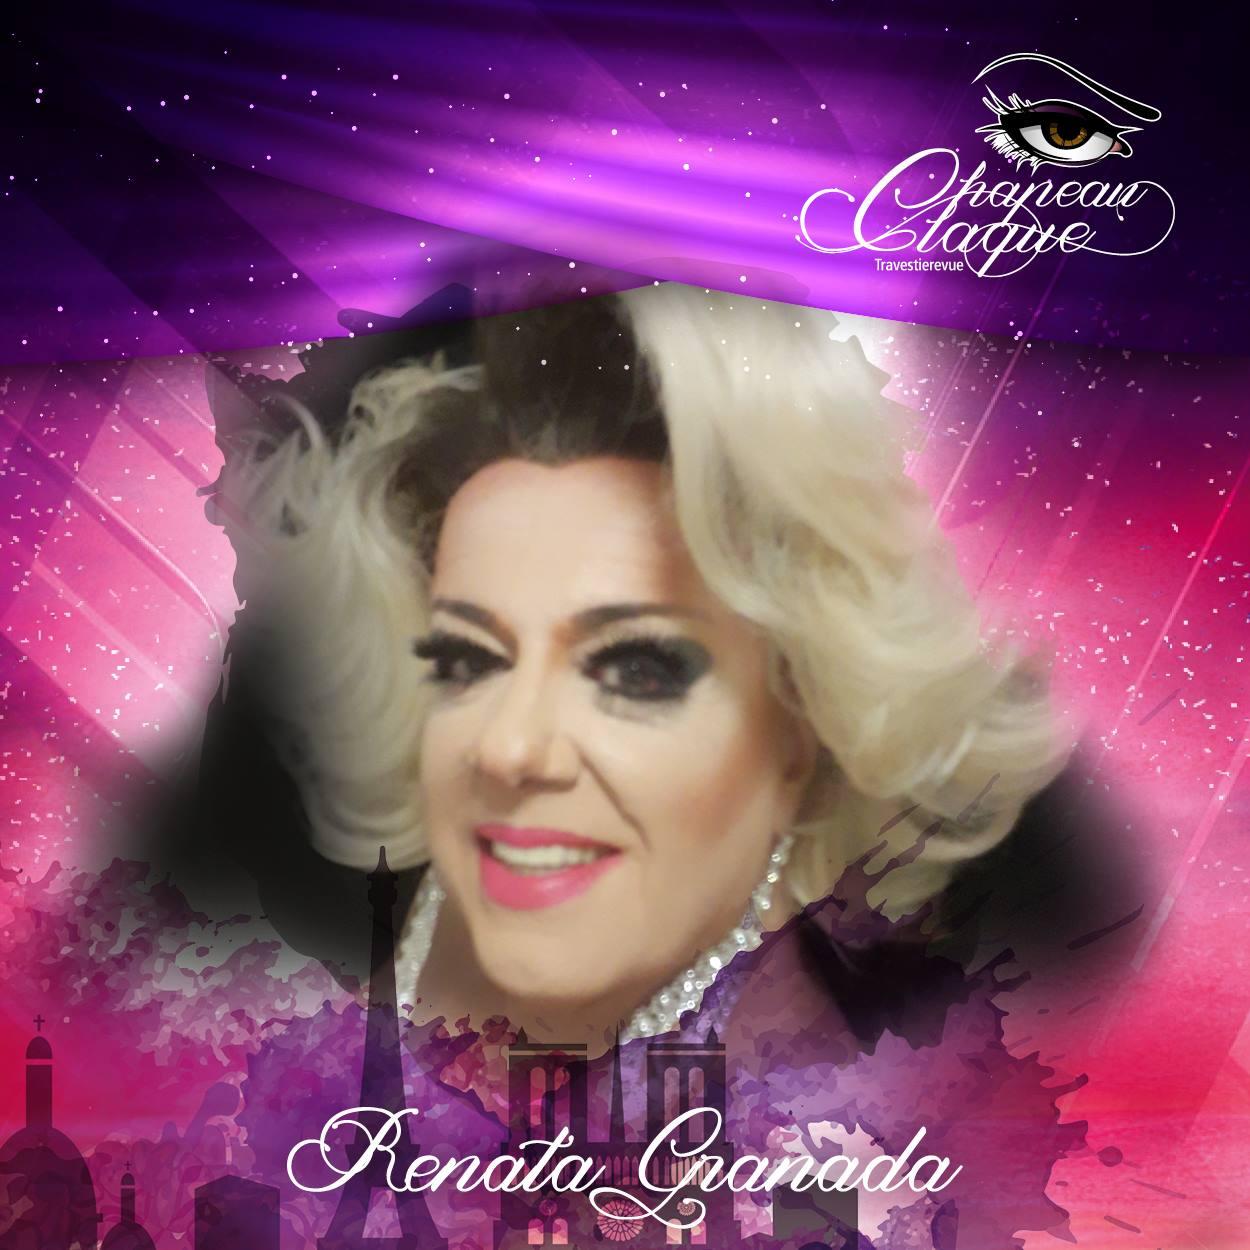 Renata Granda